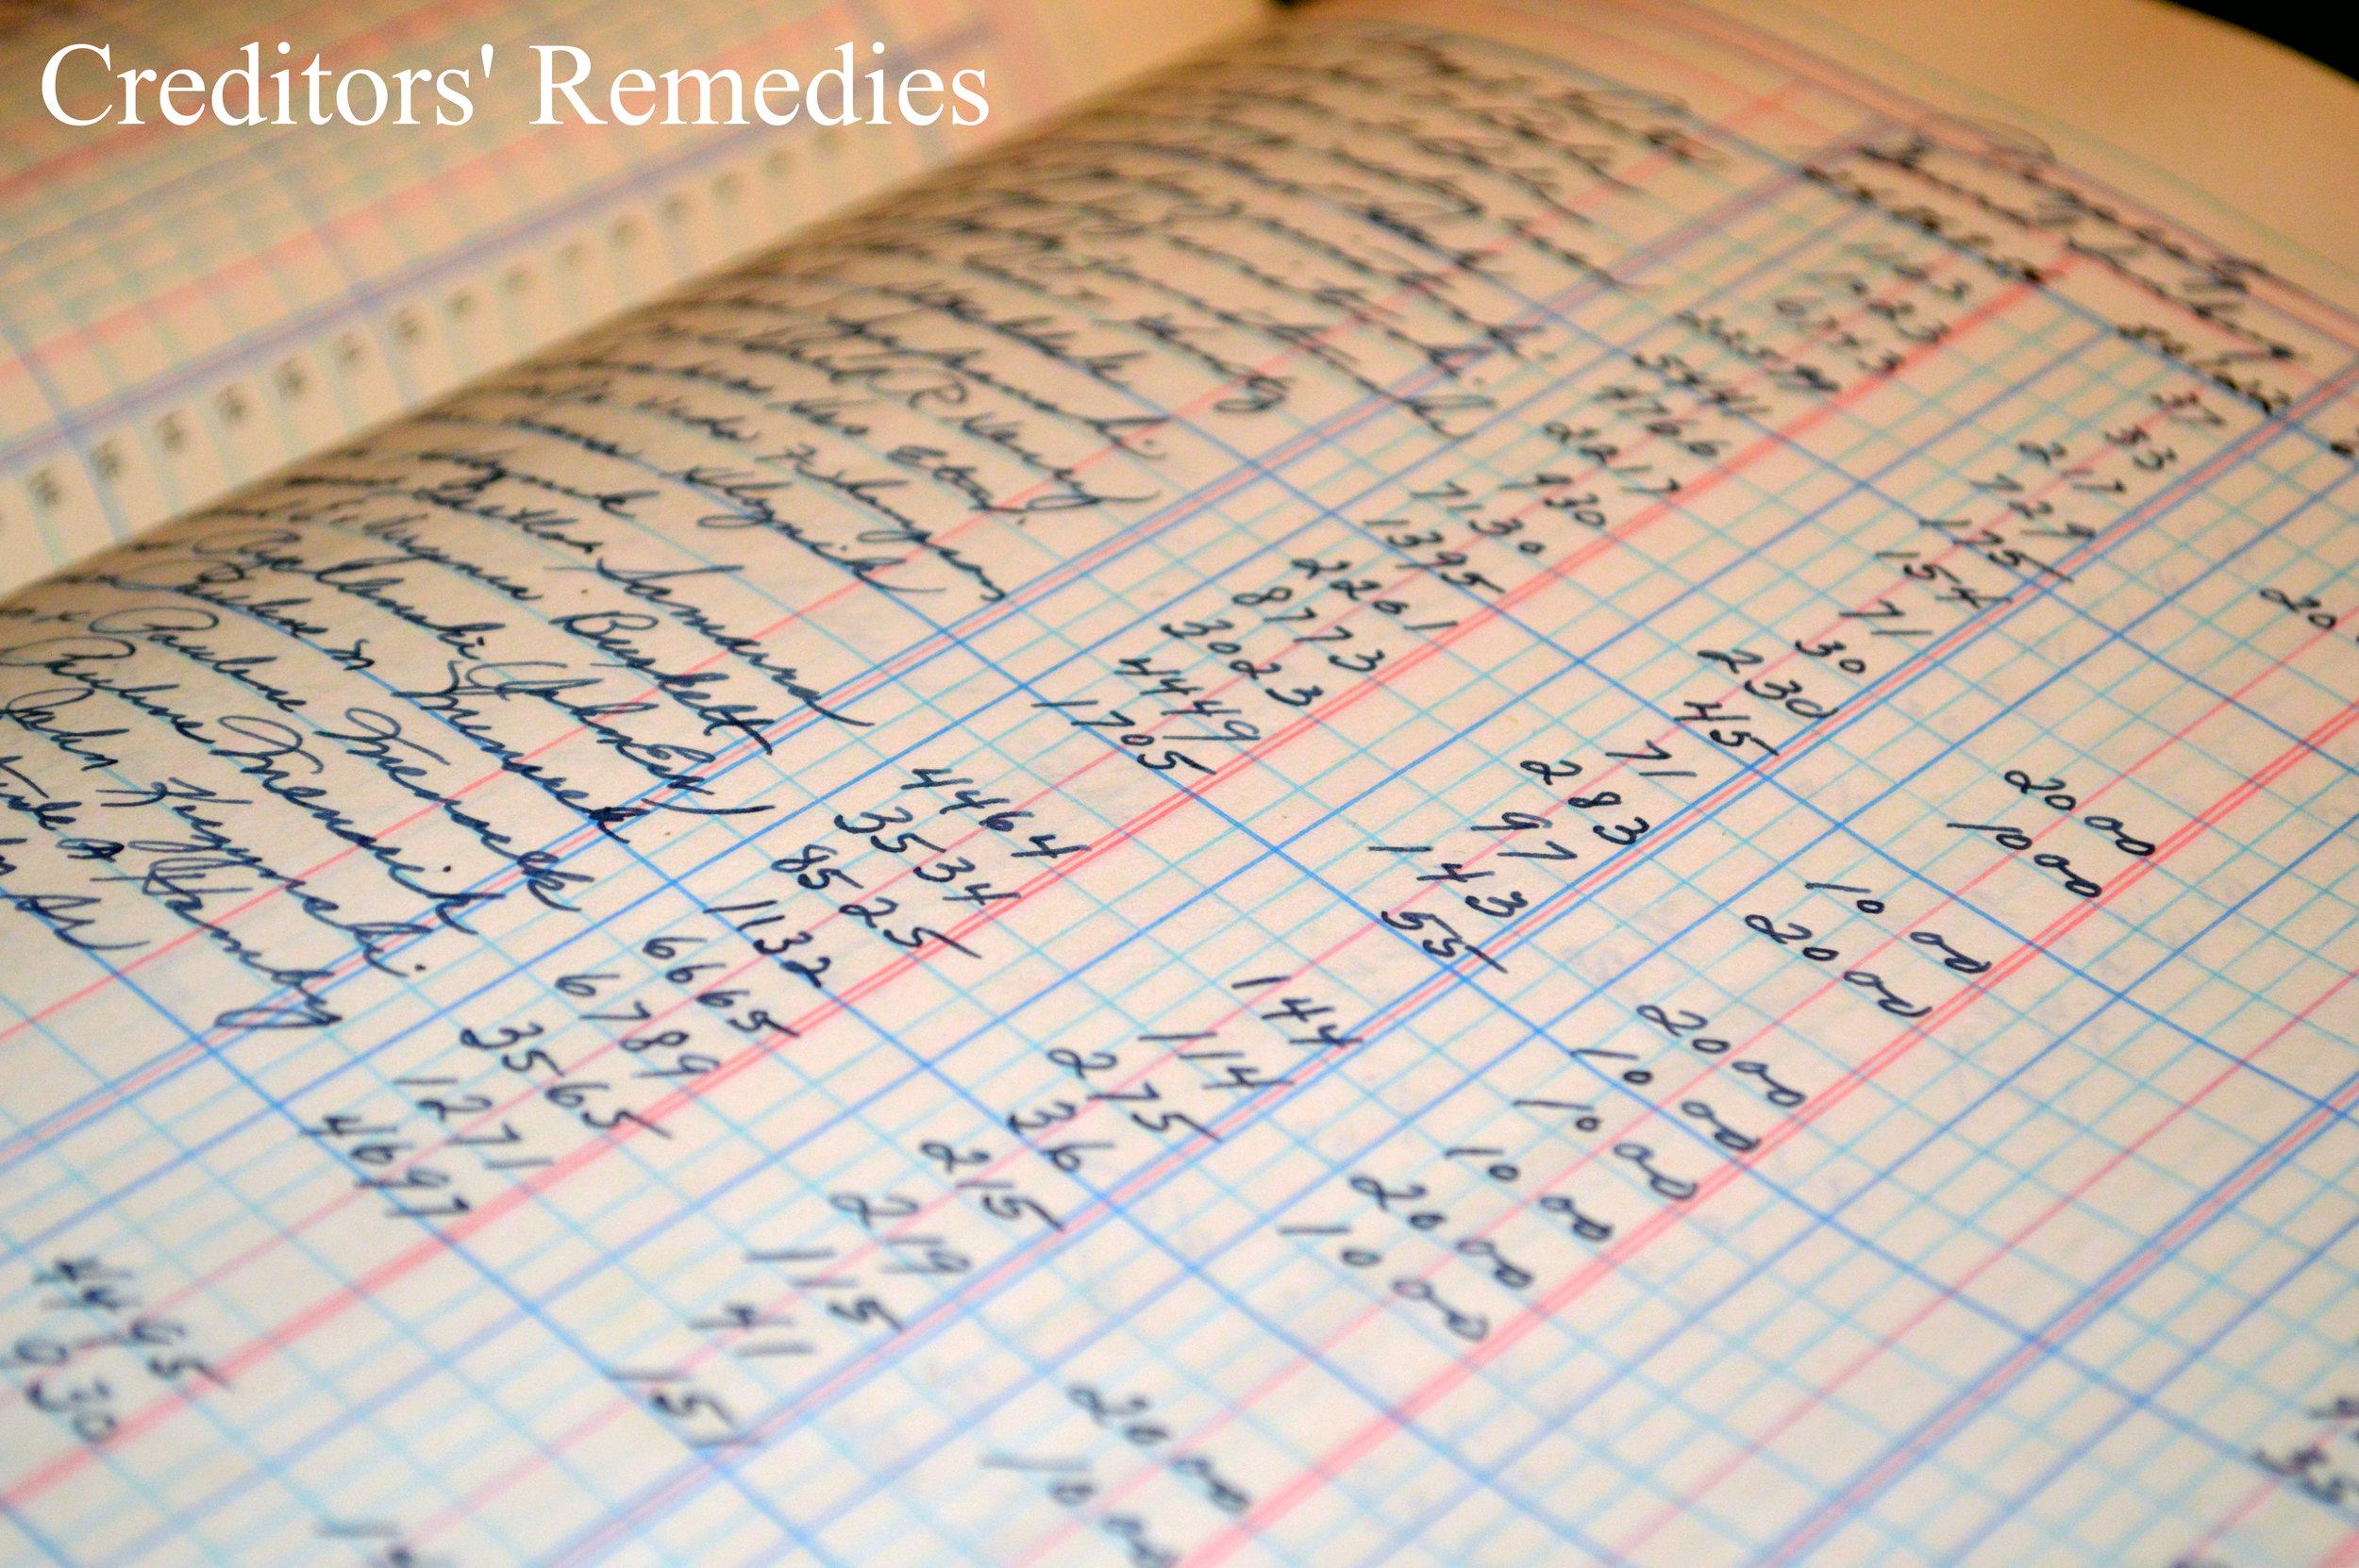 Creditors' Remedies copy.jpg